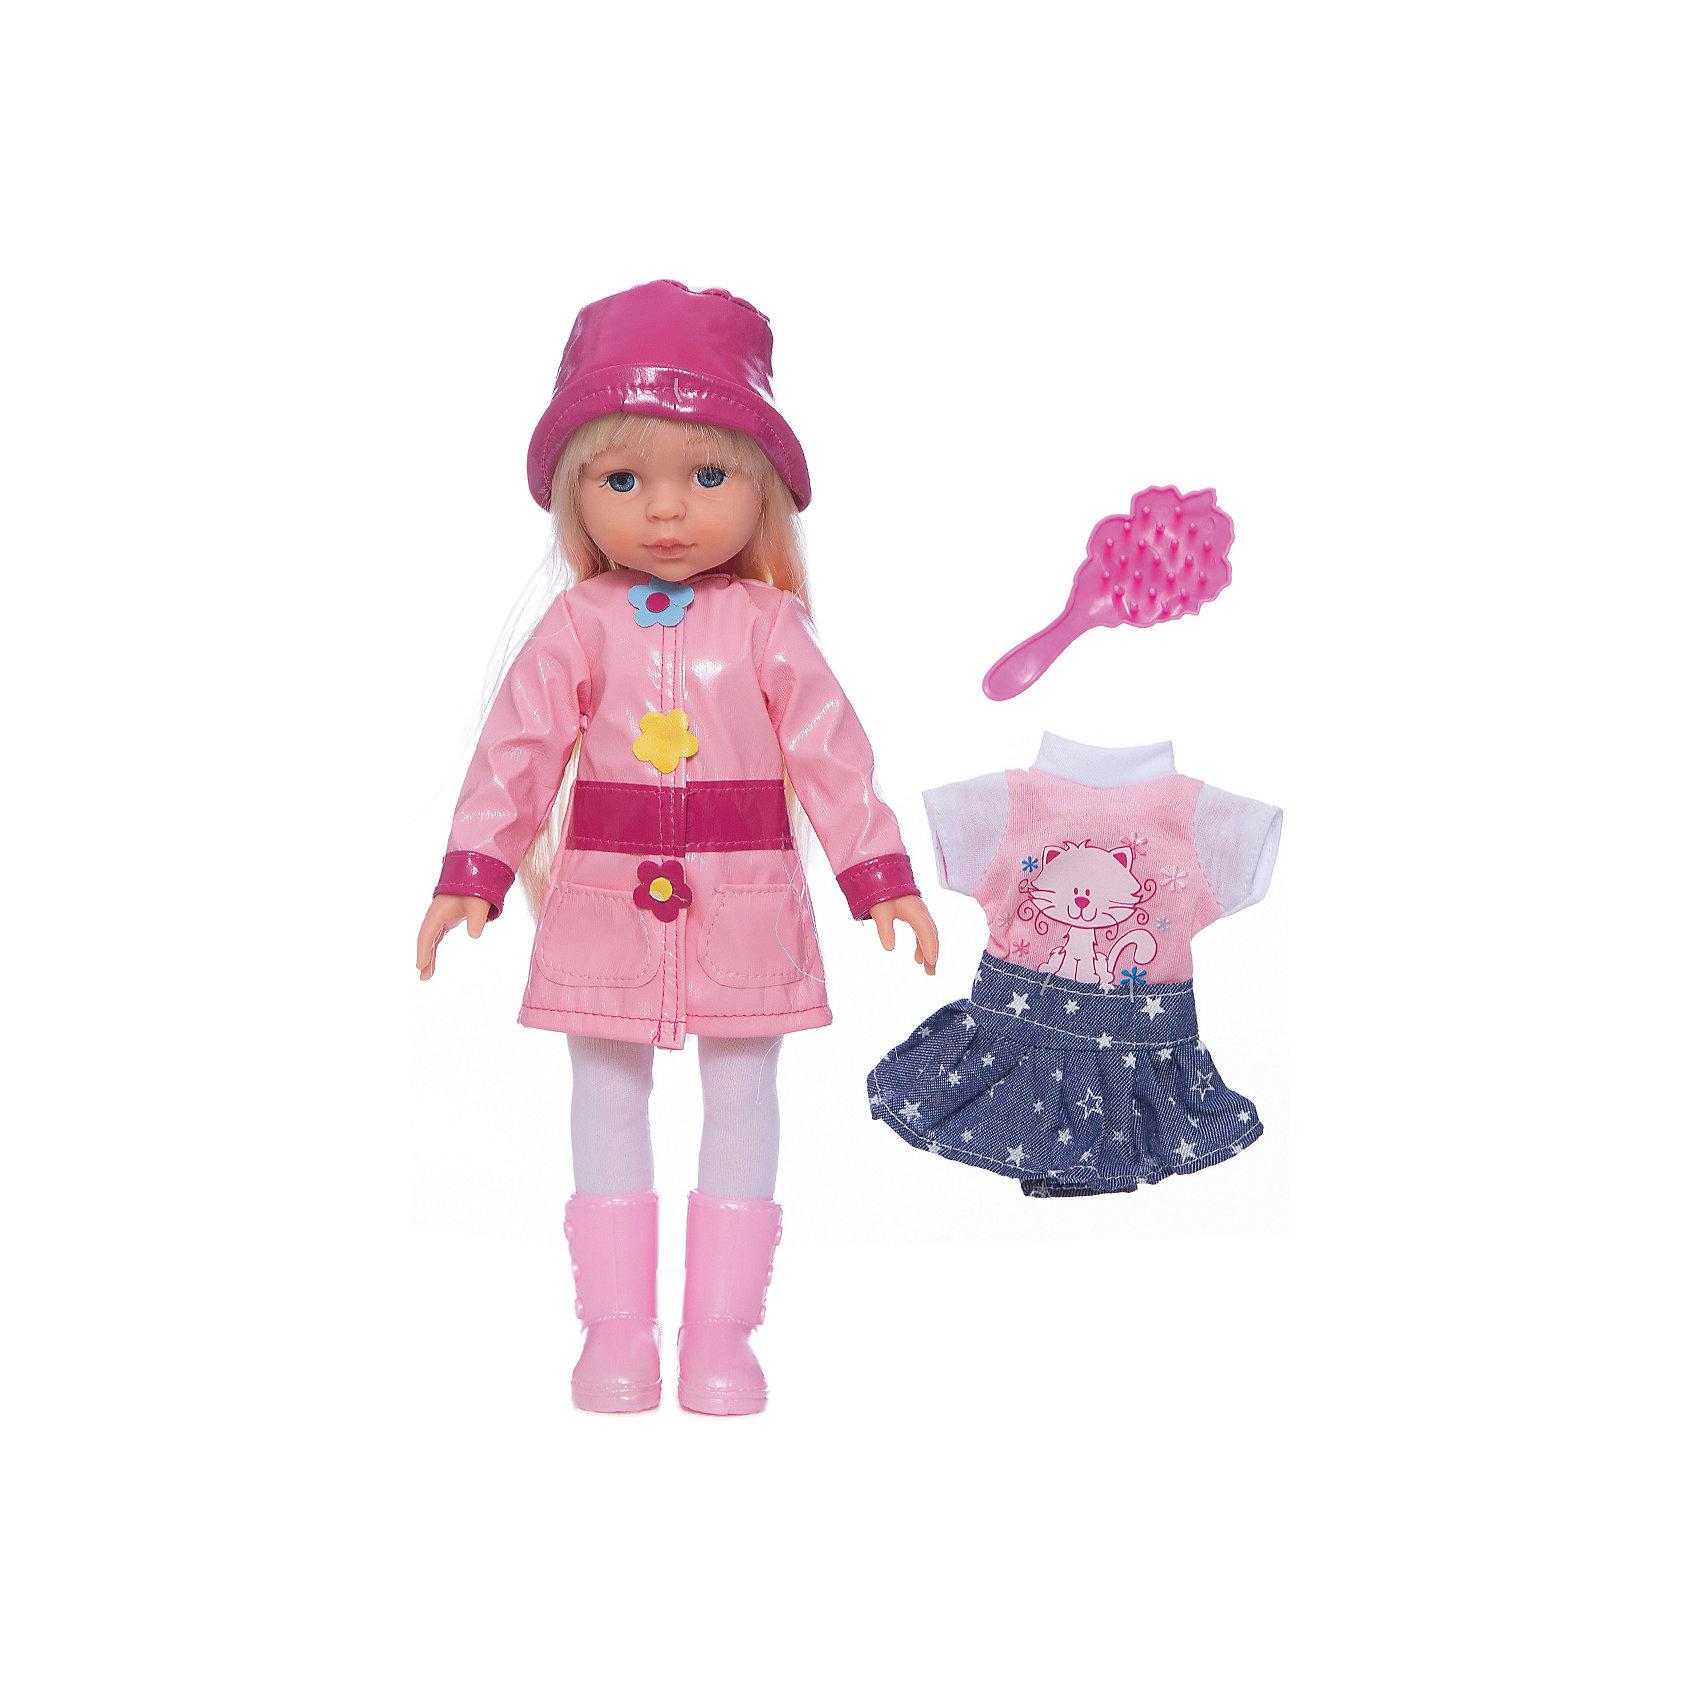 Кукла, с аксессуарами, в осенне-весенней одежде, 33 см, со звуком, КарапузКукла 33 см. в осенней одежде. С дополнительным комплектом одежды. Кукла рассказывает 4 стихотворения и поет 4 песенки. В комплект входит расческа.<br><br>Ширина мм: 90<br>Глубина мм: 350<br>Высота мм: 230<br>Вес г: 590<br>Возраст от месяцев: 36<br>Возраст до месяцев: 84<br>Пол: Женский<br>Возраст: Детский<br>SKU: 5420410